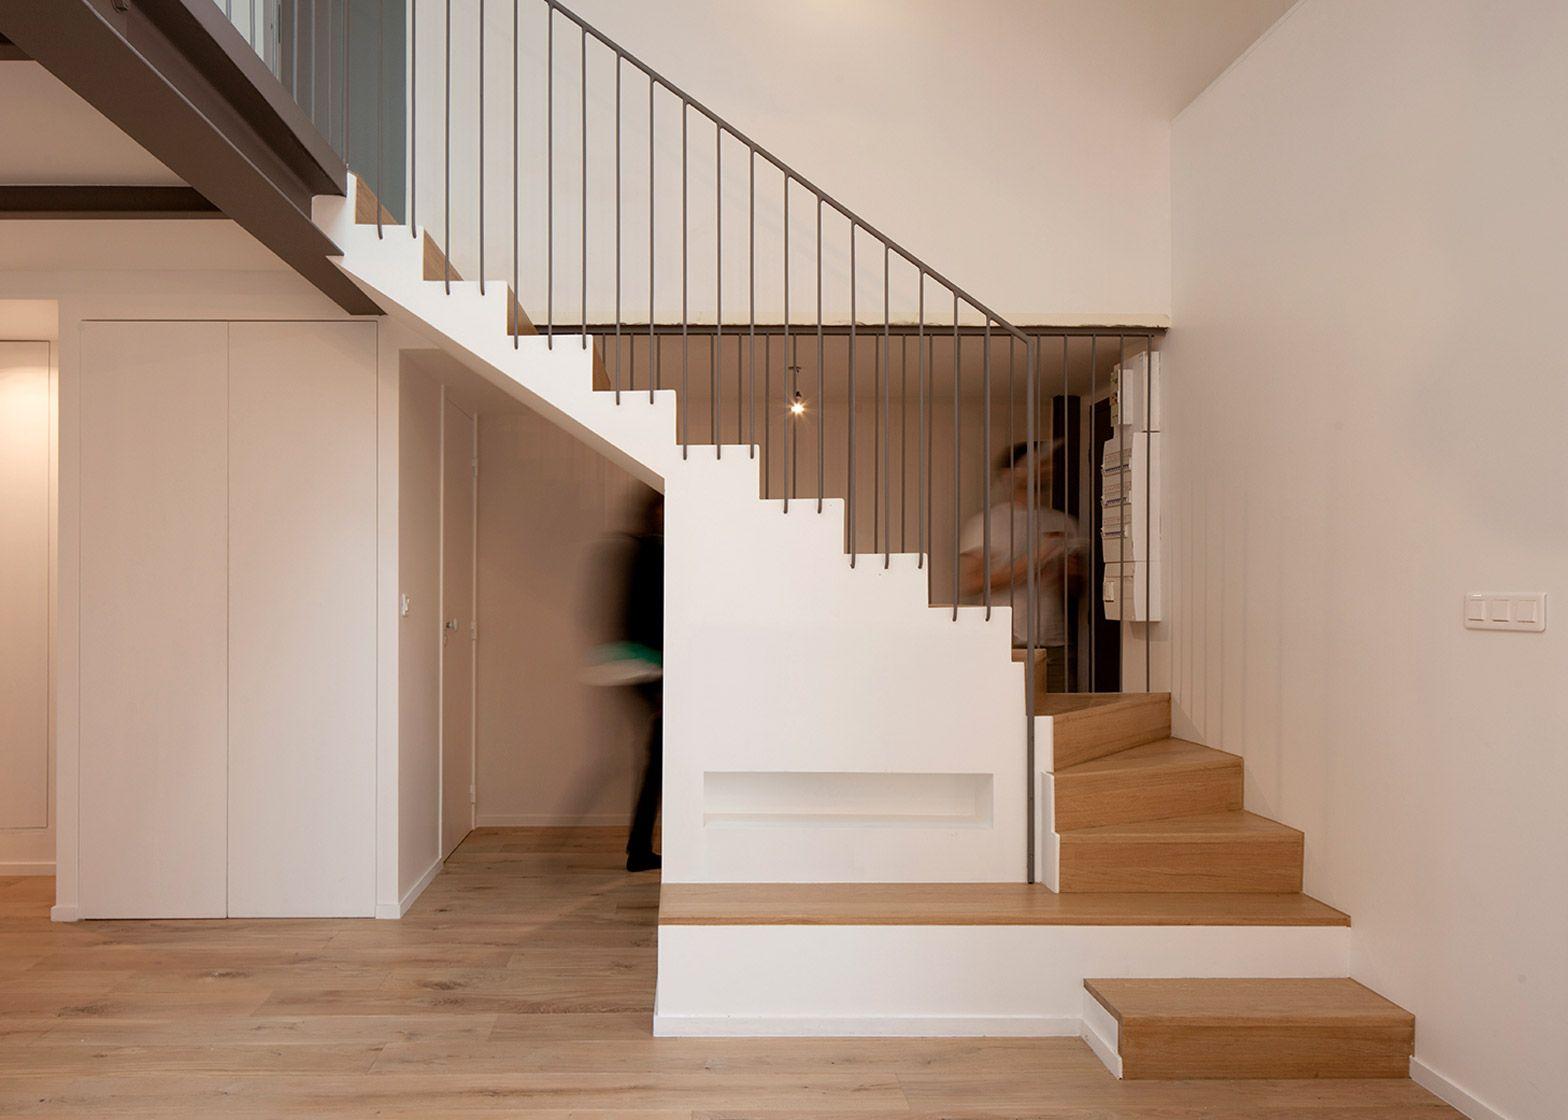 Cairos Architecture Adds Mezzanine To Paris Apartment Avec Images Architecture Appartements Anciens Appartement Parisien